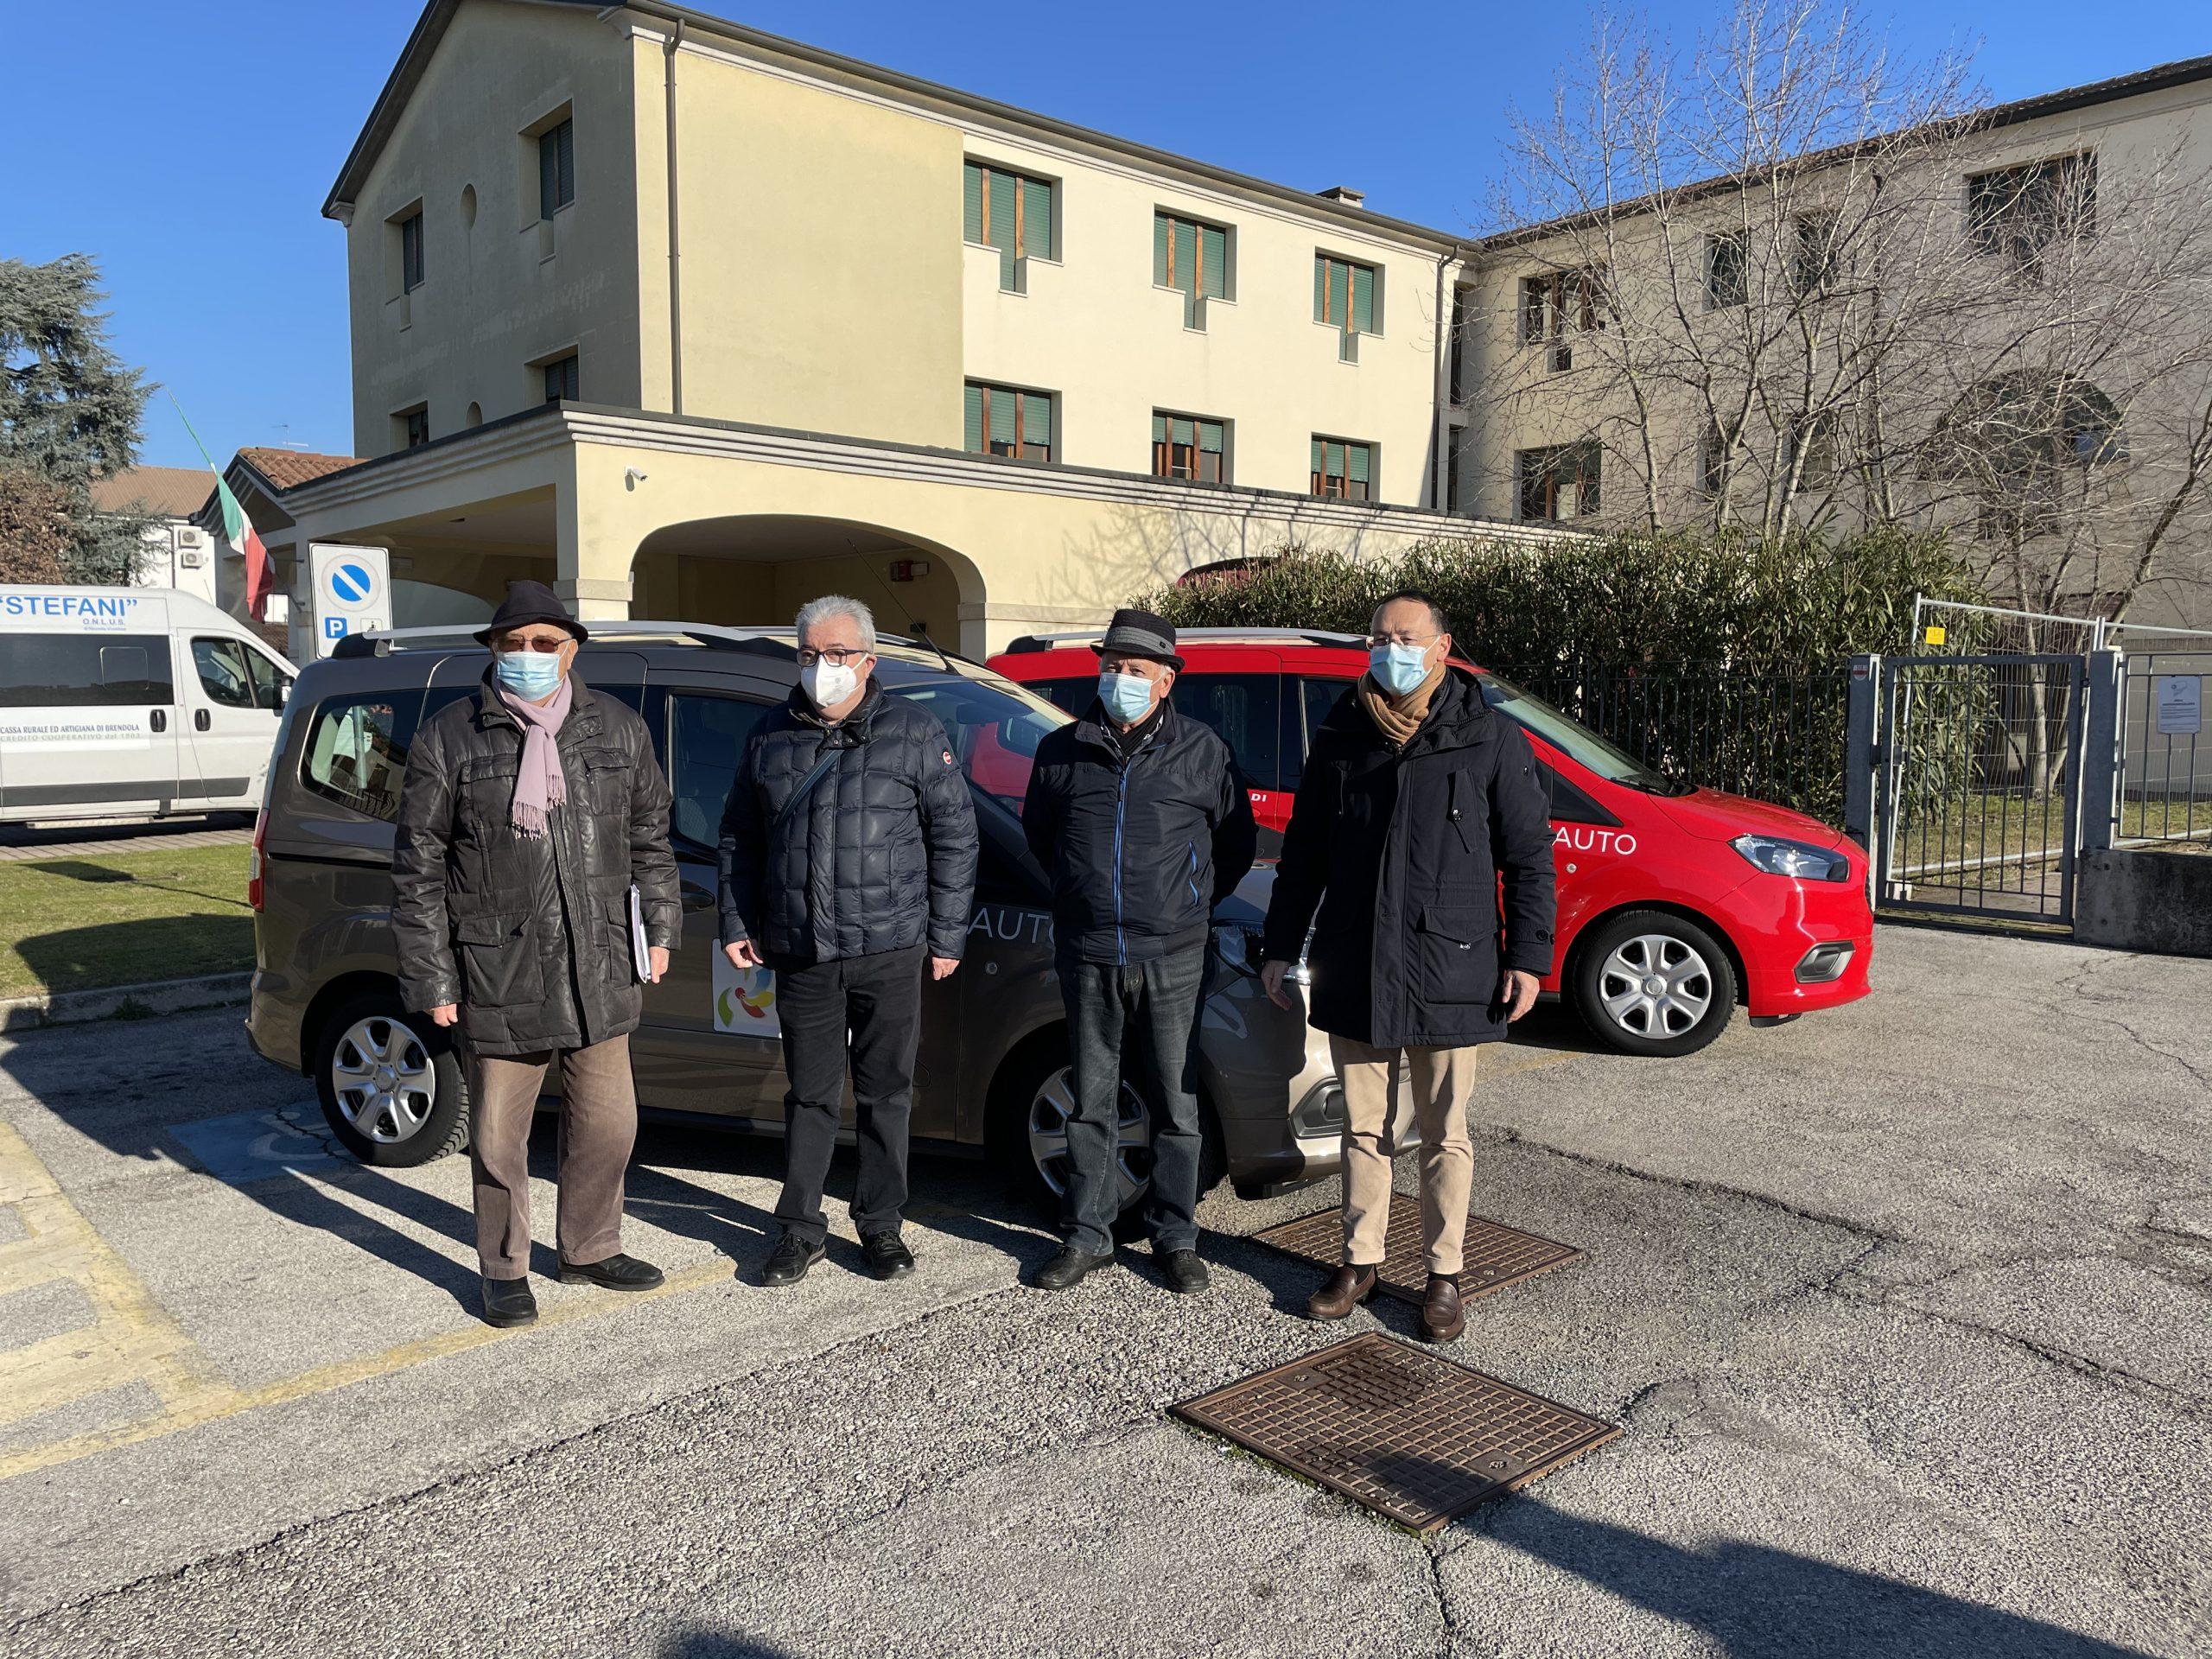 Nuove auto in arrivo alla Fondazione Stefani onlus